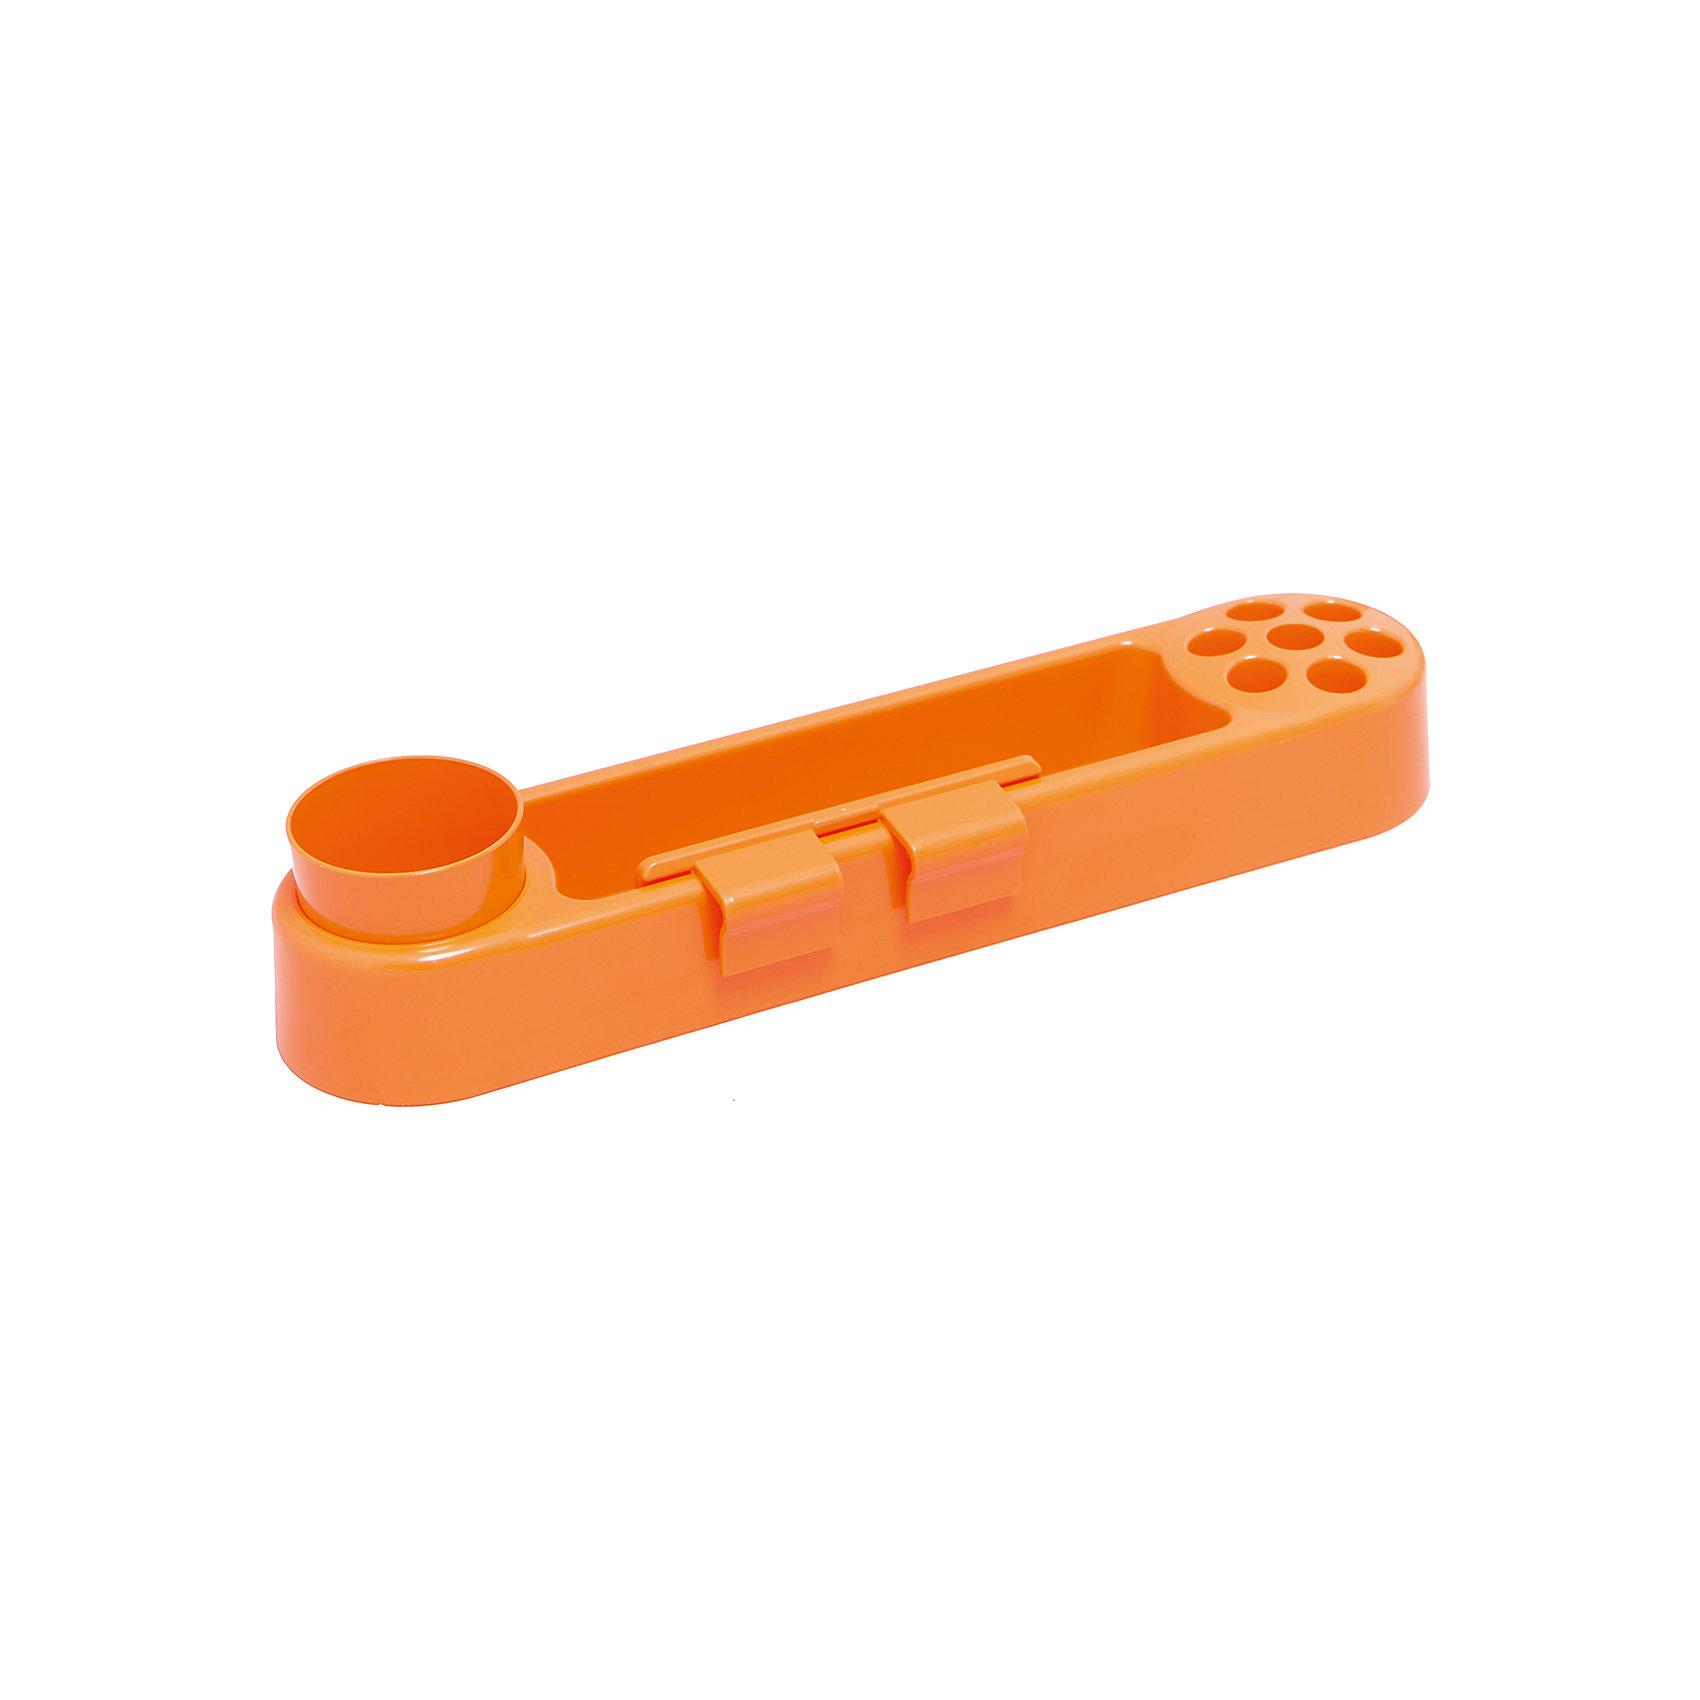 Дэми Органайзер ОКП.02, Дэми, оранжевый канцтовары в чебоксарах цены где купить